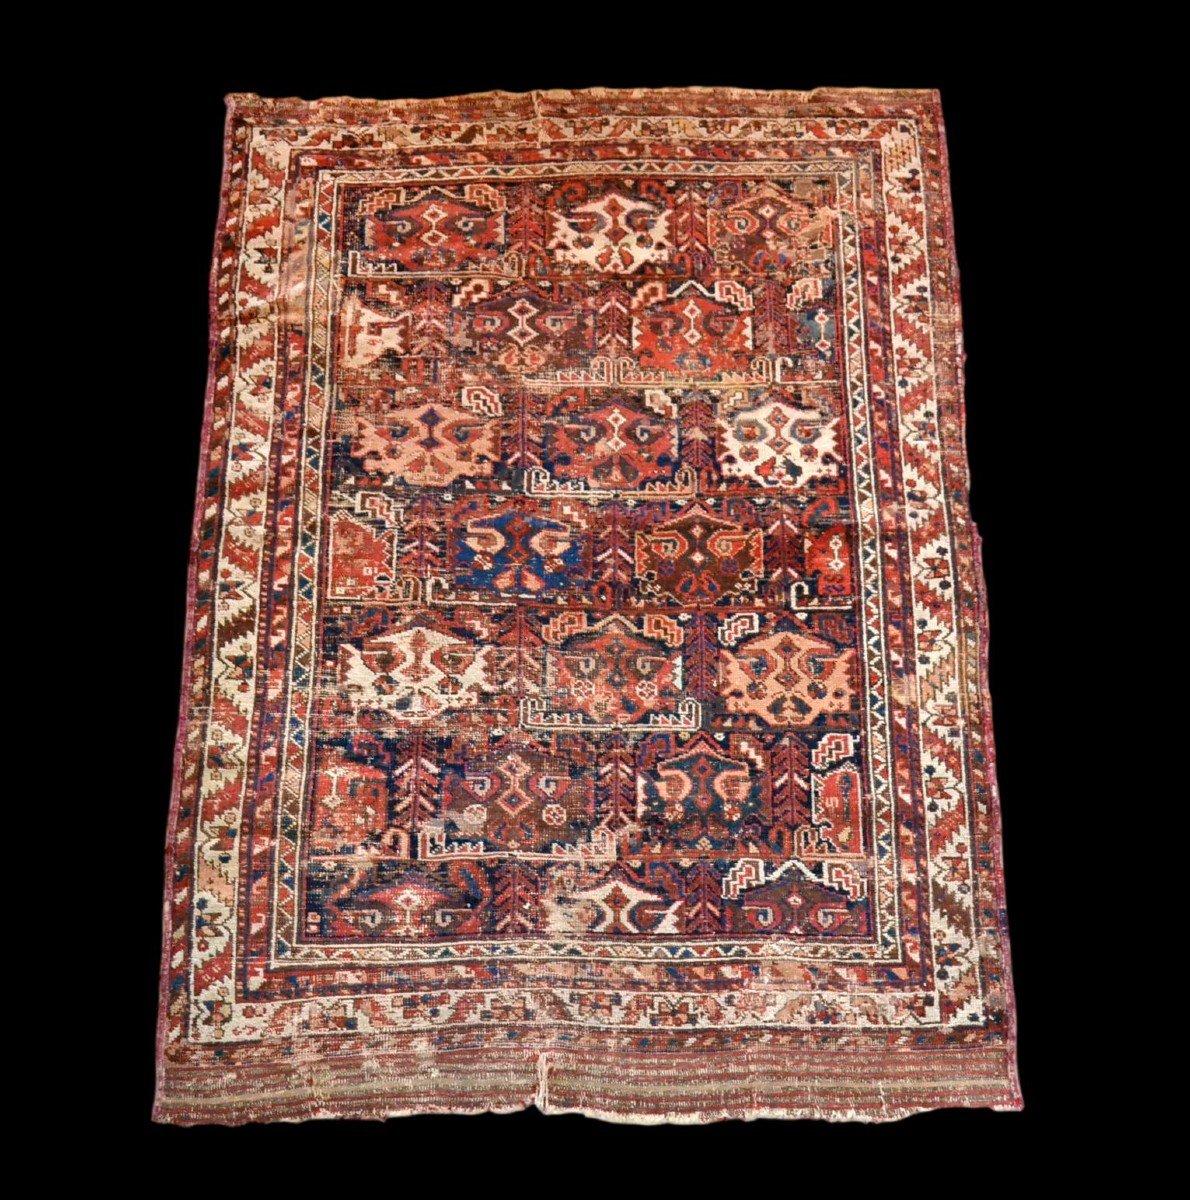 Tapis Persan Bakhtiar ancien, 125 cm x 170 cm, laine nouée main, XIXème siècle